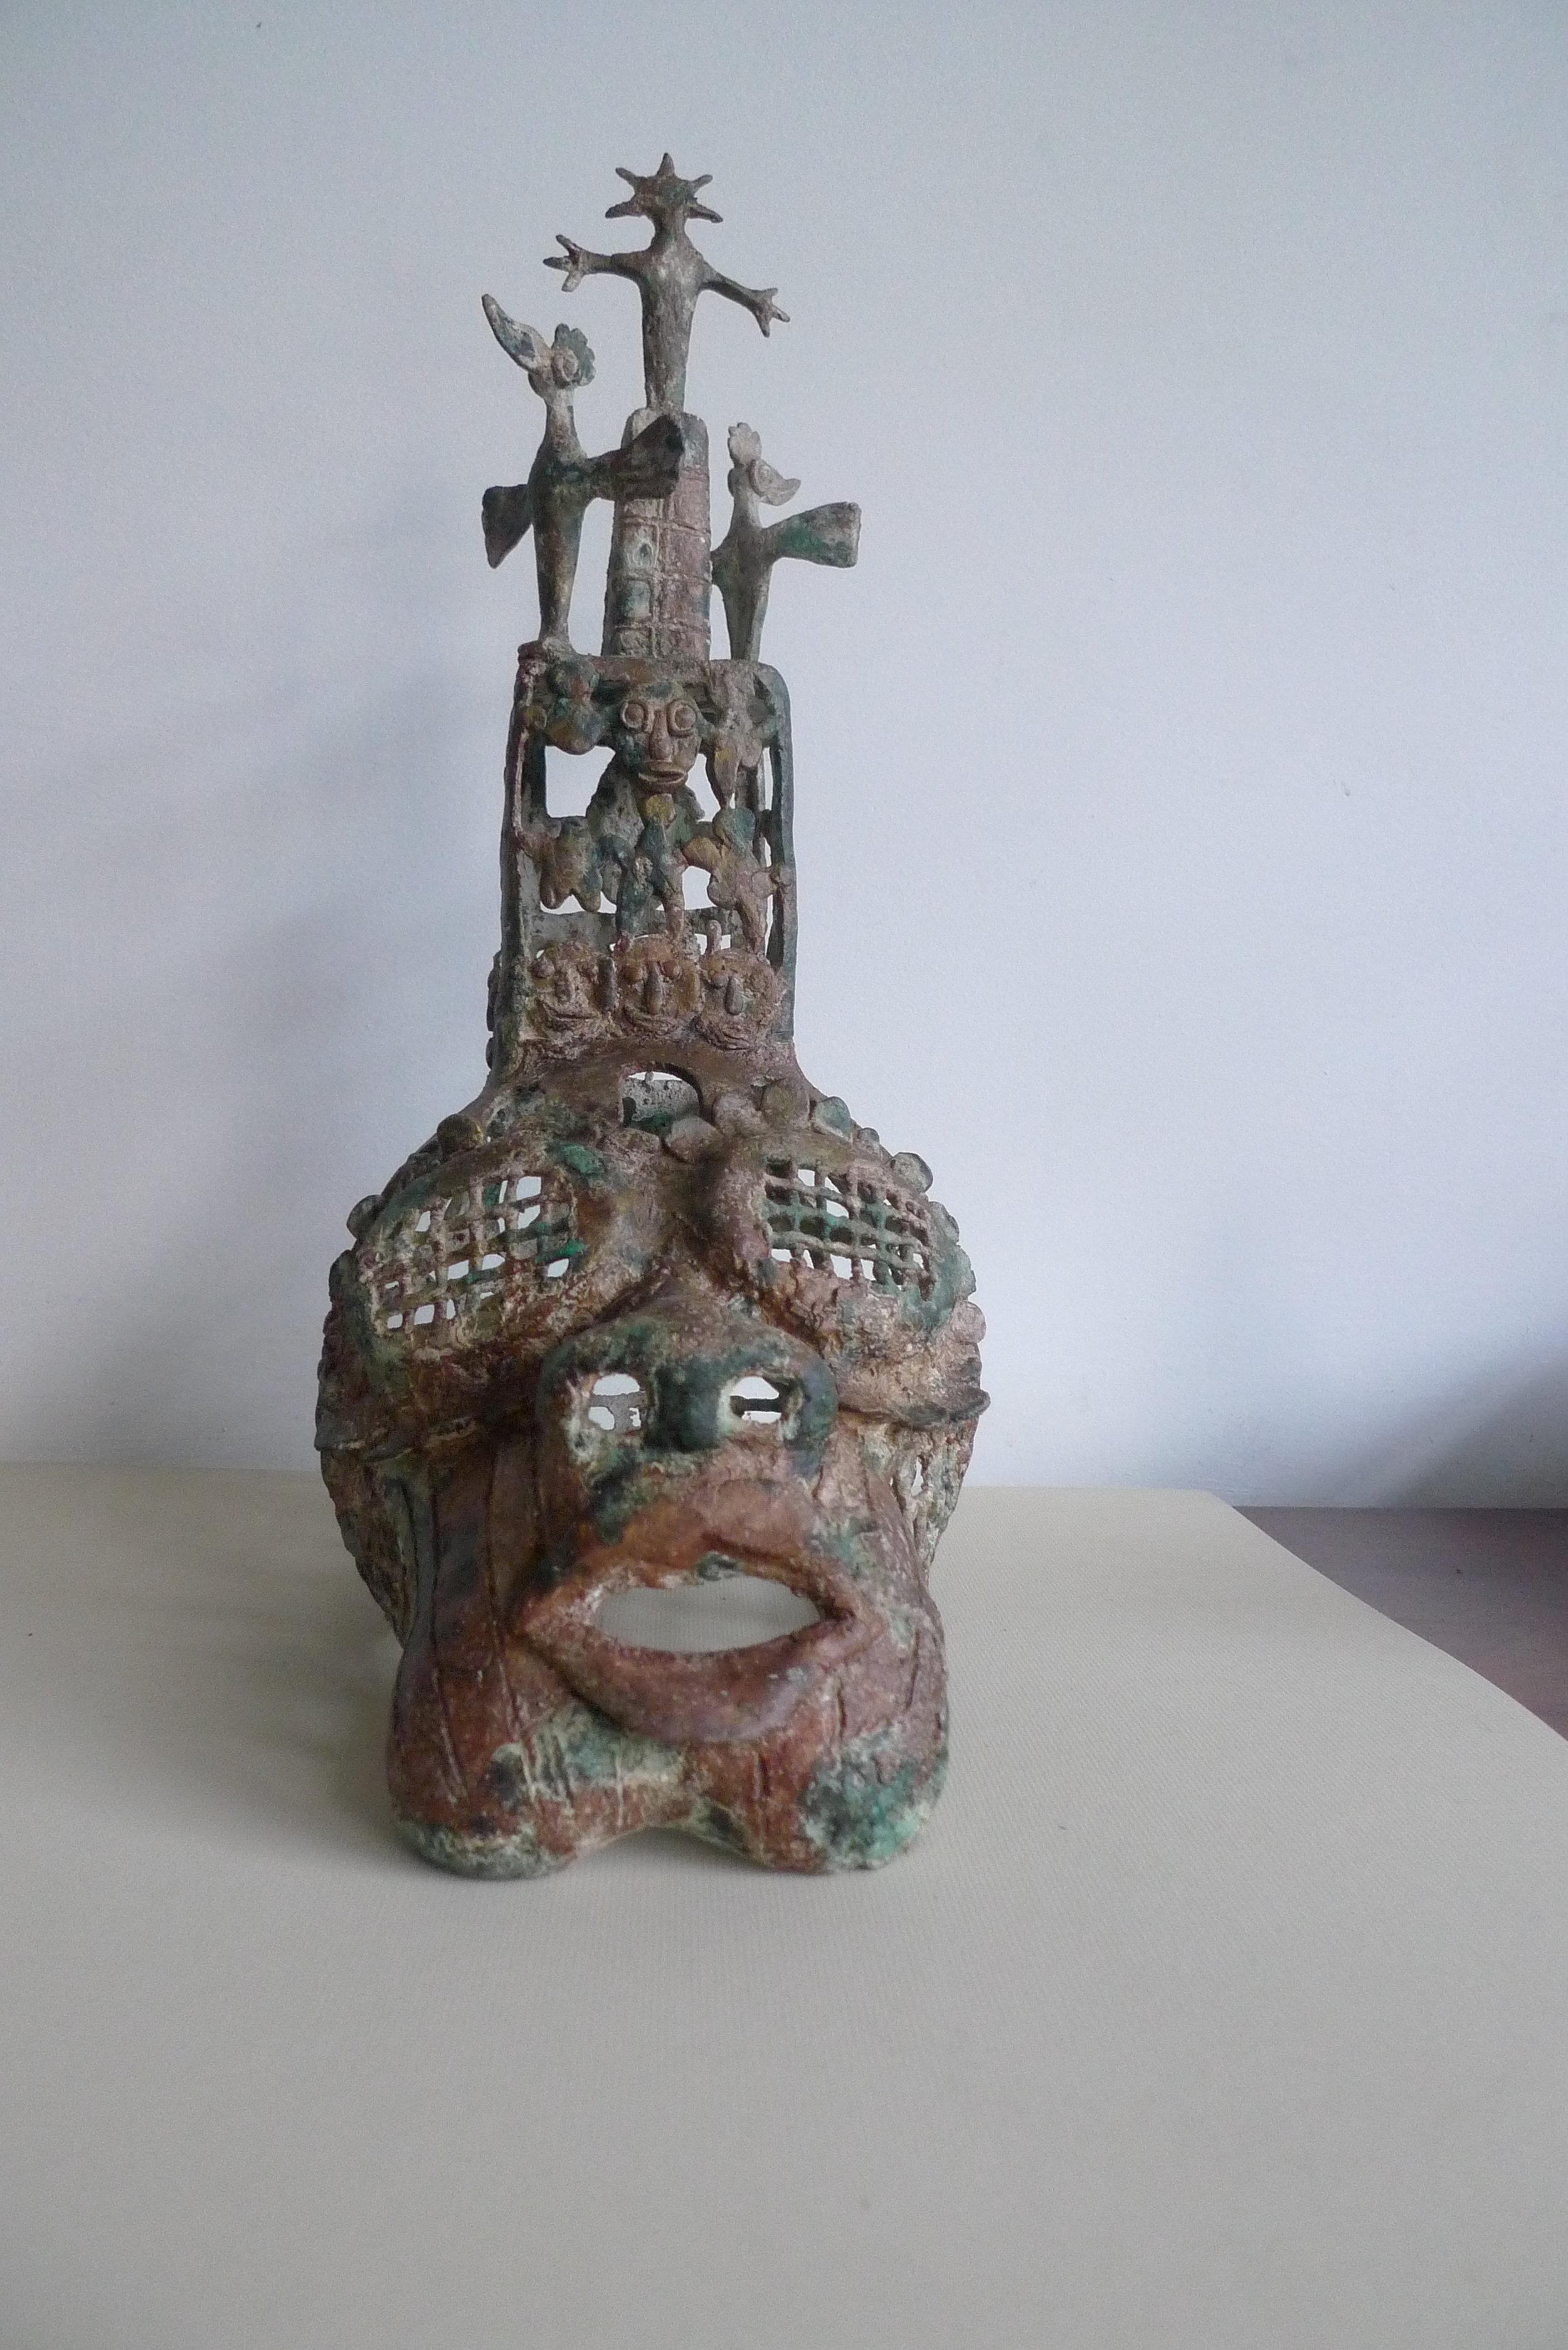 Histoire de têtes VI, 30x40cm, Sculpture bronze, 2018